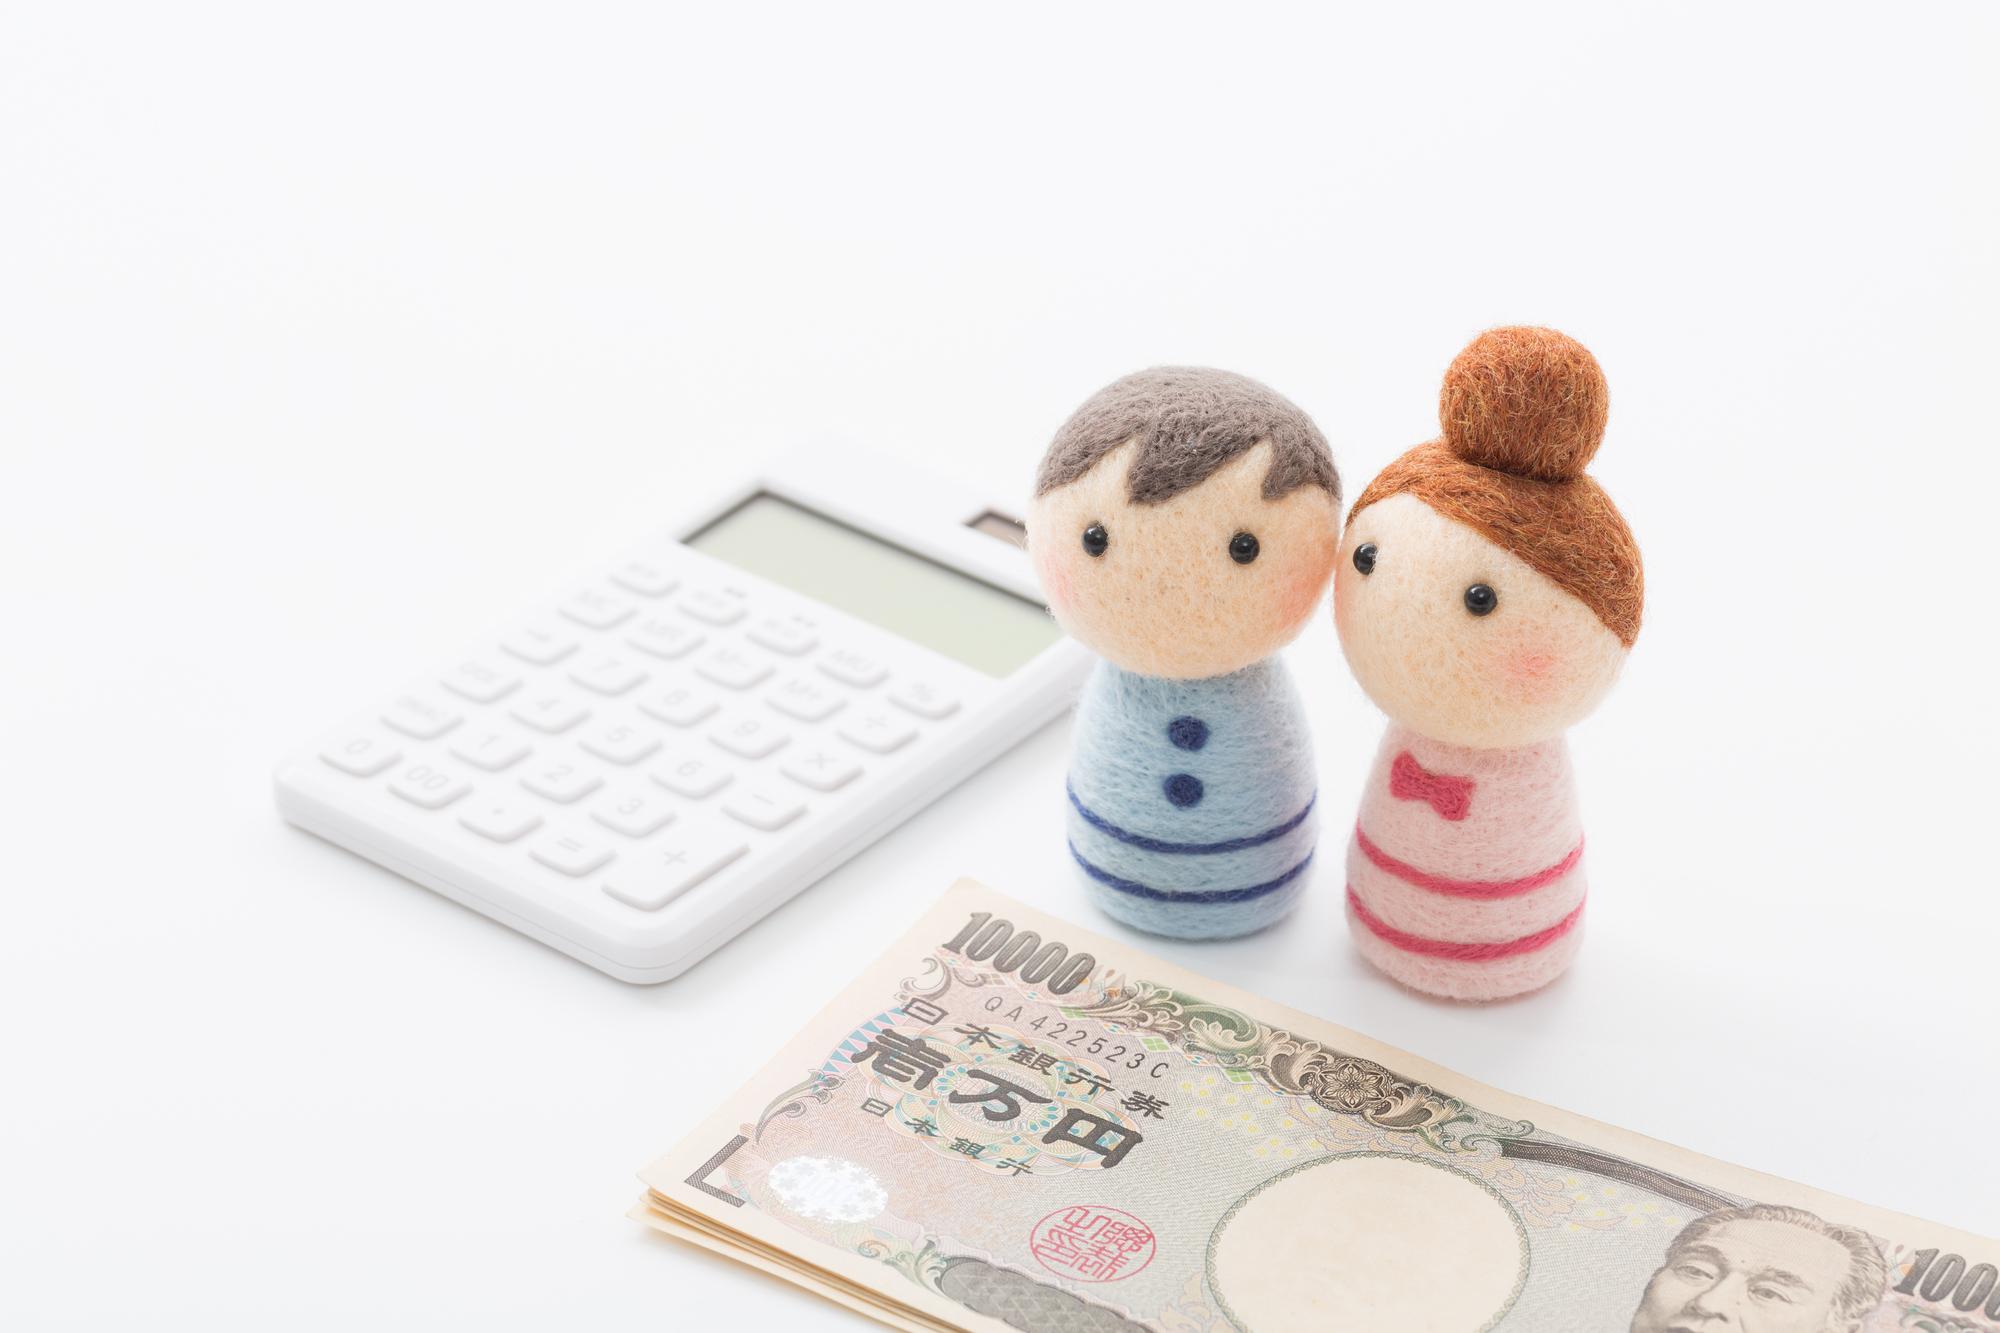 同棲費用について話し合う男女